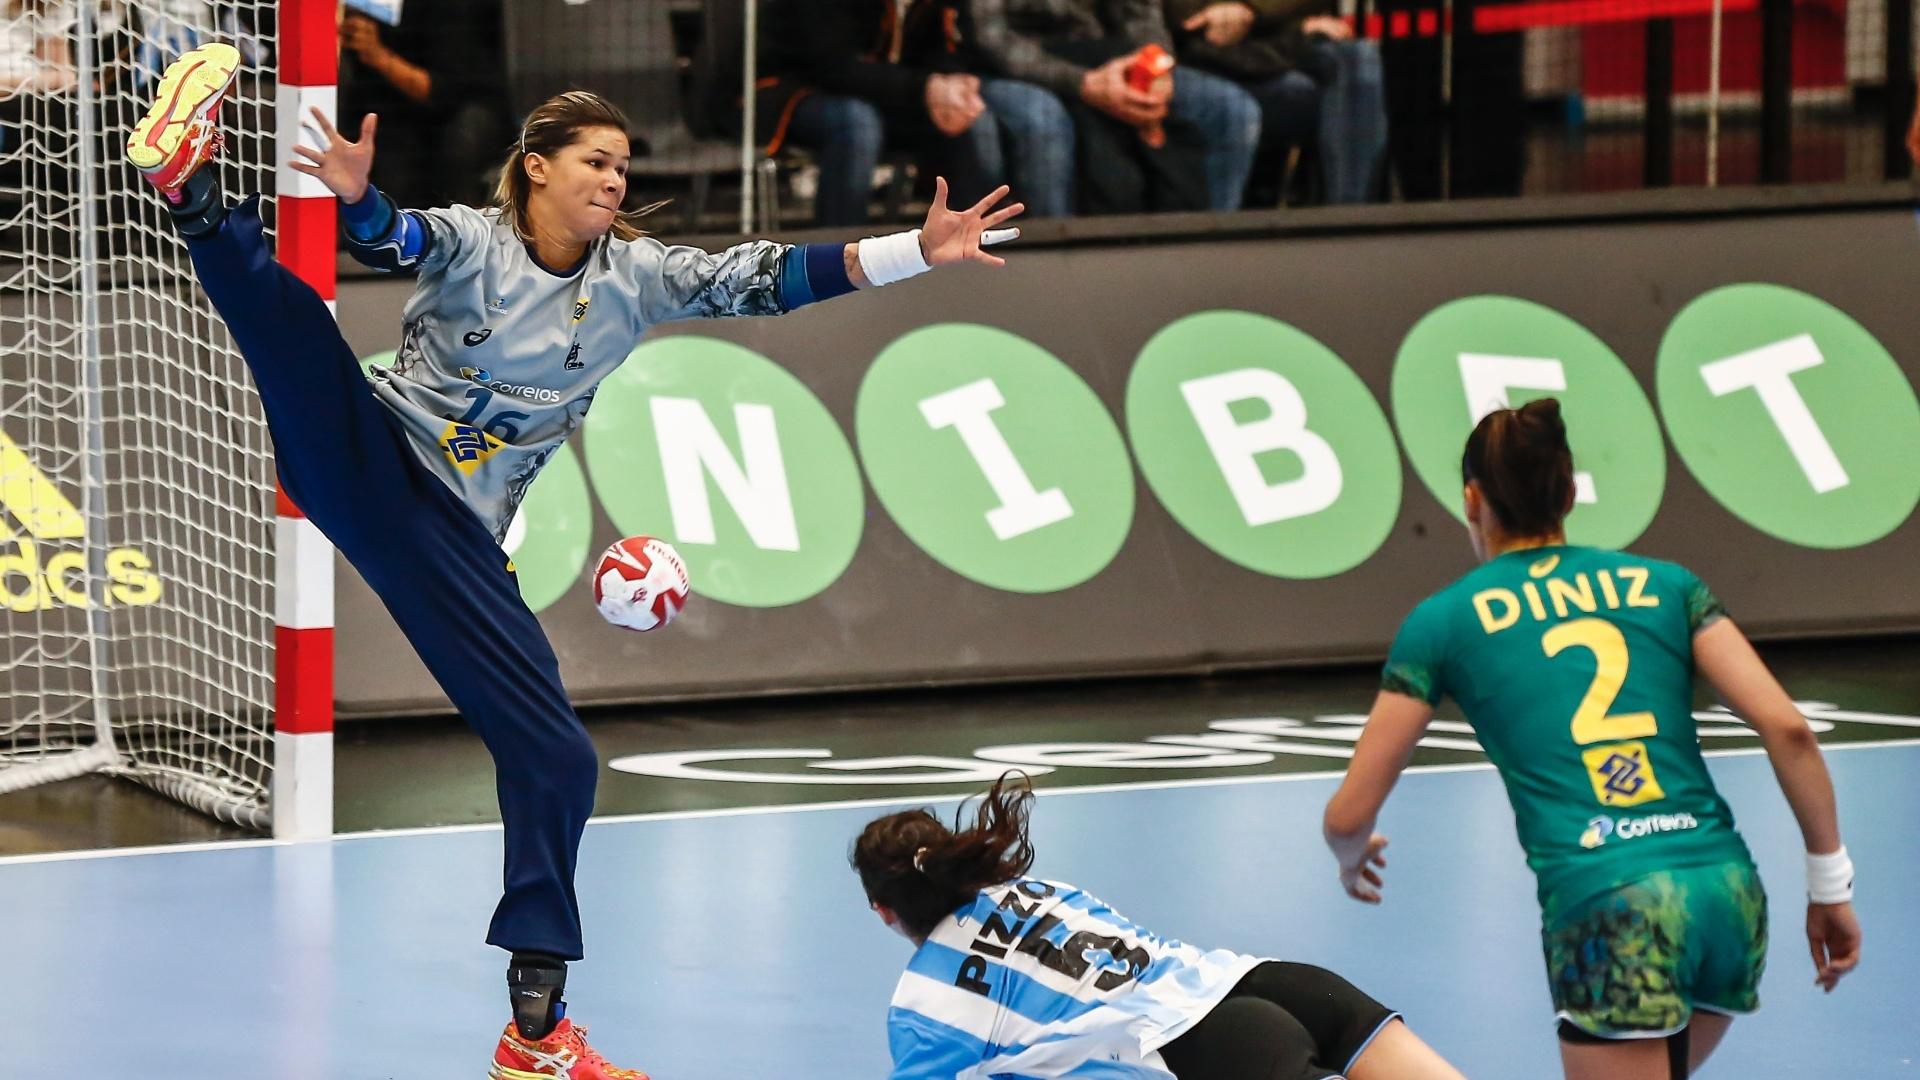 Mayysa evita gol da Argentina na vitória da seleção brasileira sobre a  Argentina c3bf52e34e318